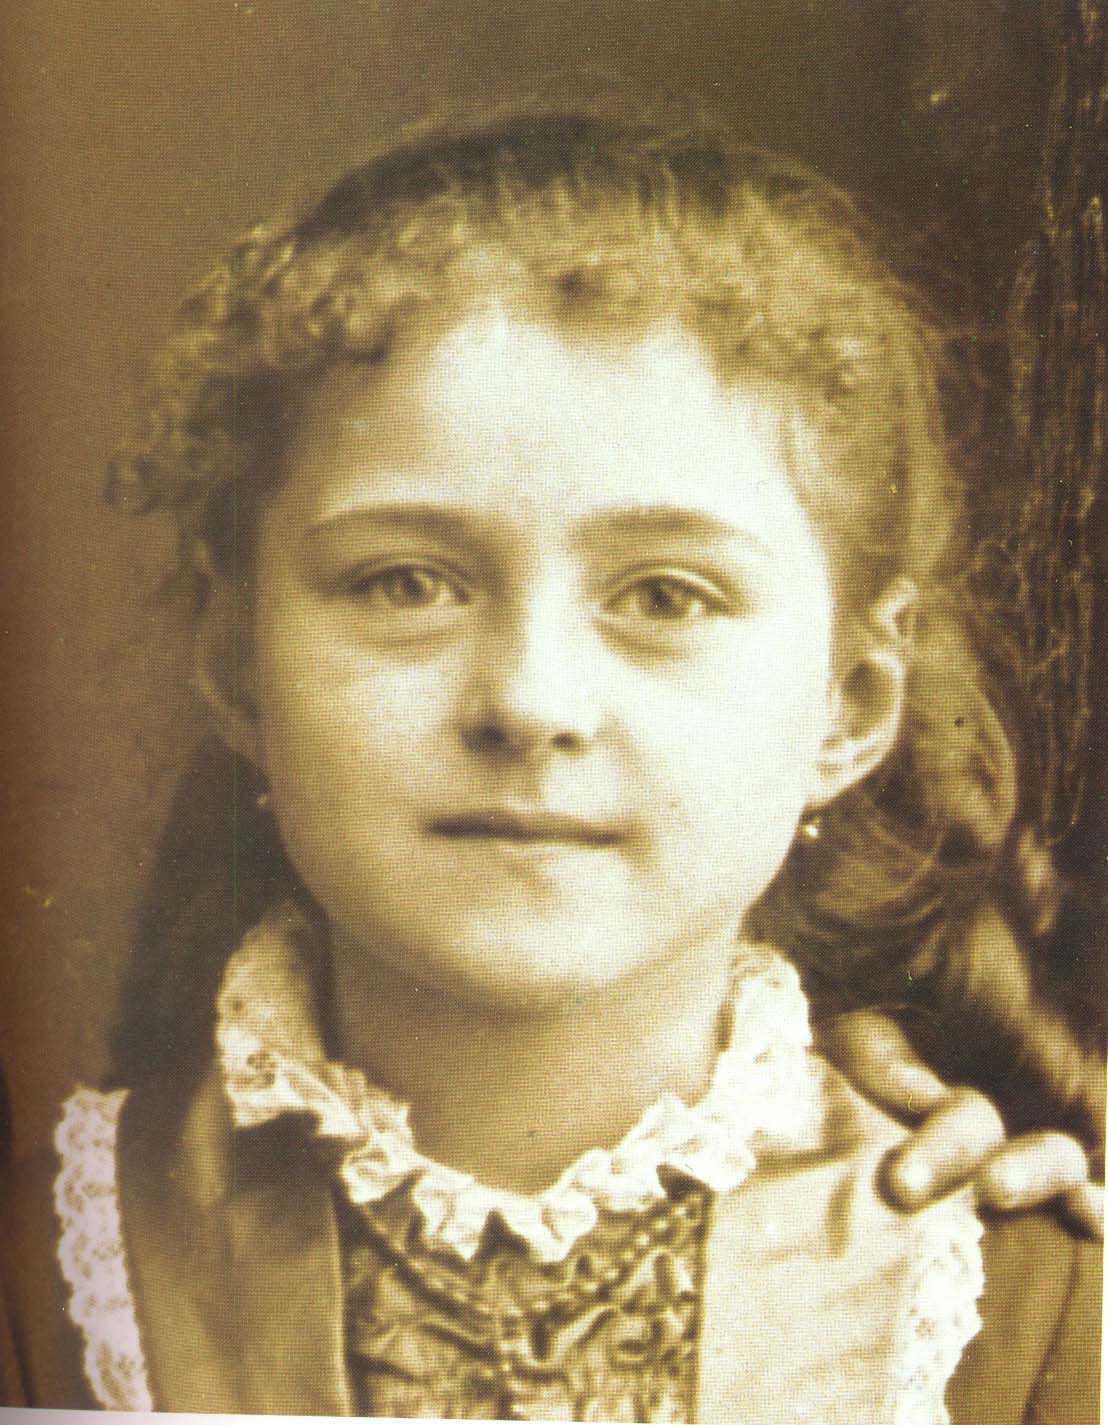 1 октября. Святая Тереза Младенца Иисуса, дева и Учитель Церкви. Память 1